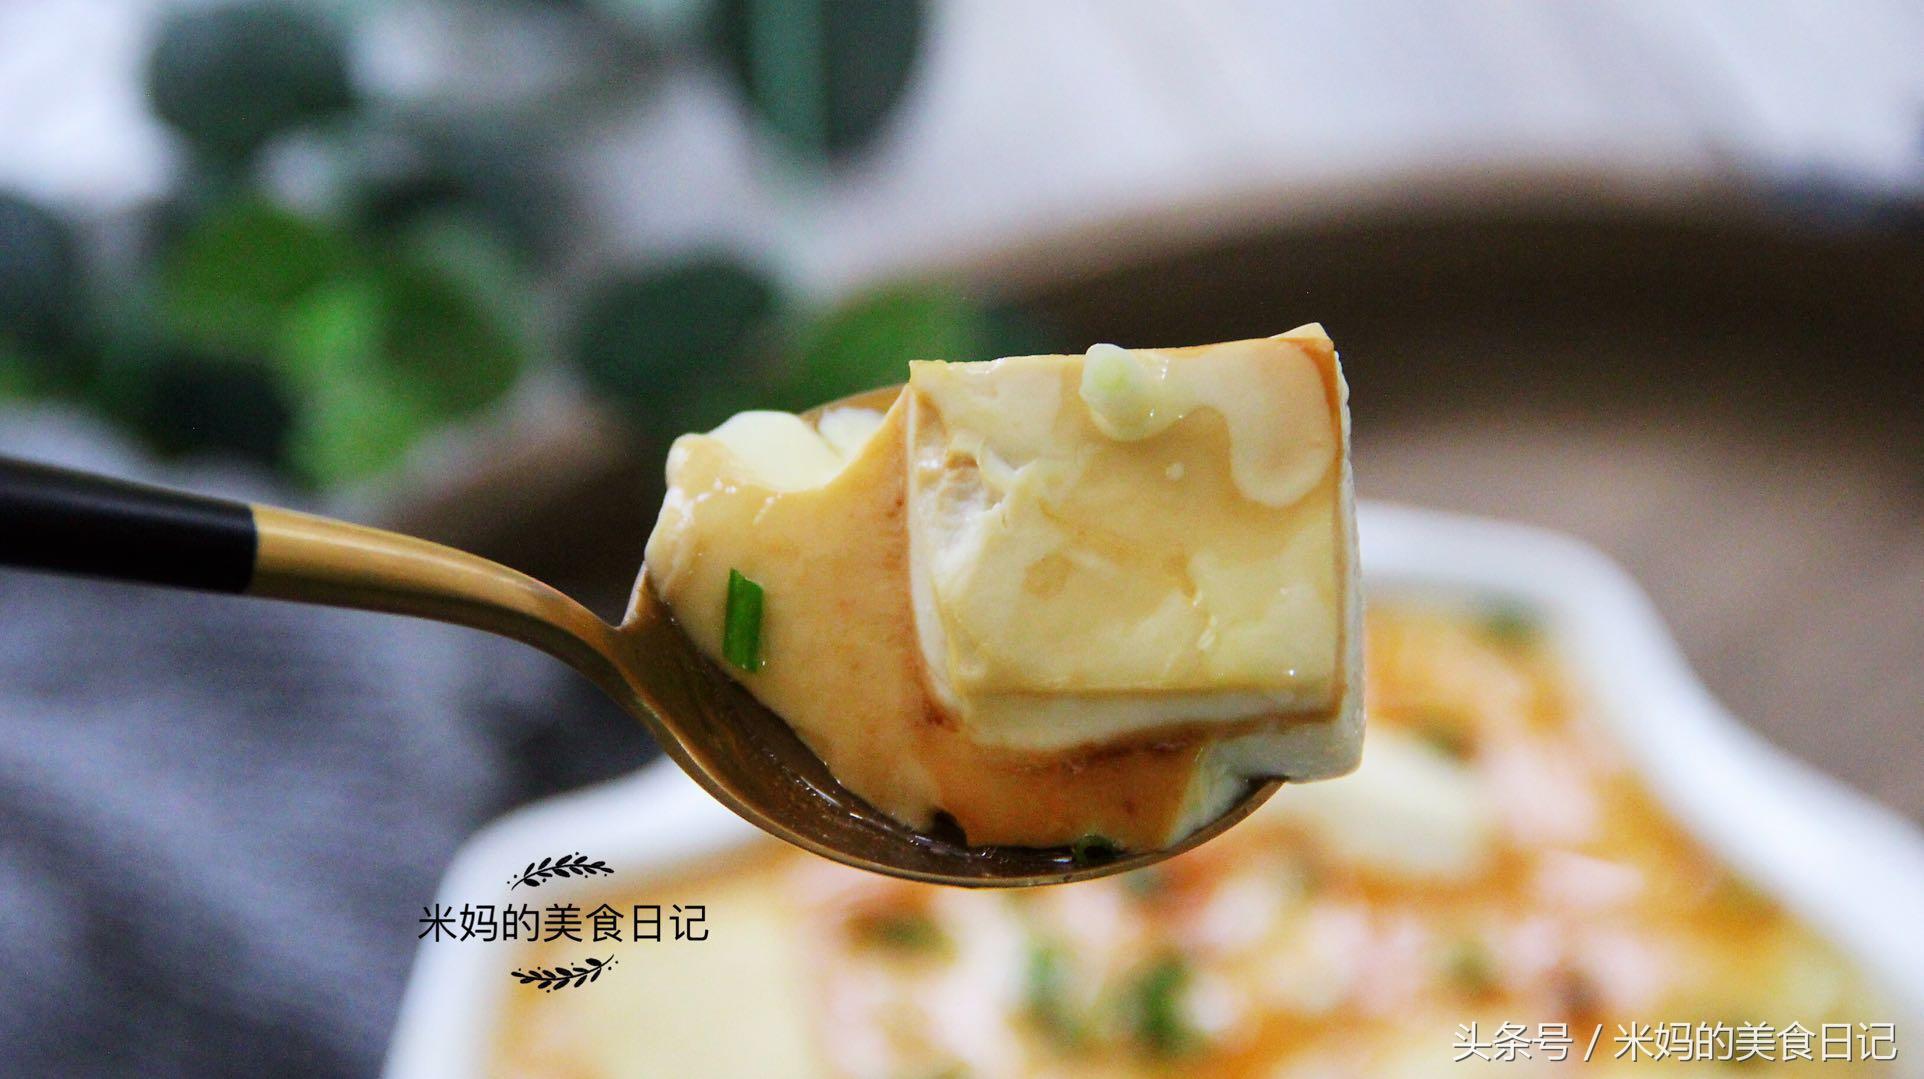 豆腐鸡蛋羹做法步骤图 这个菜再便宜也要经常做给孩子吃营养美